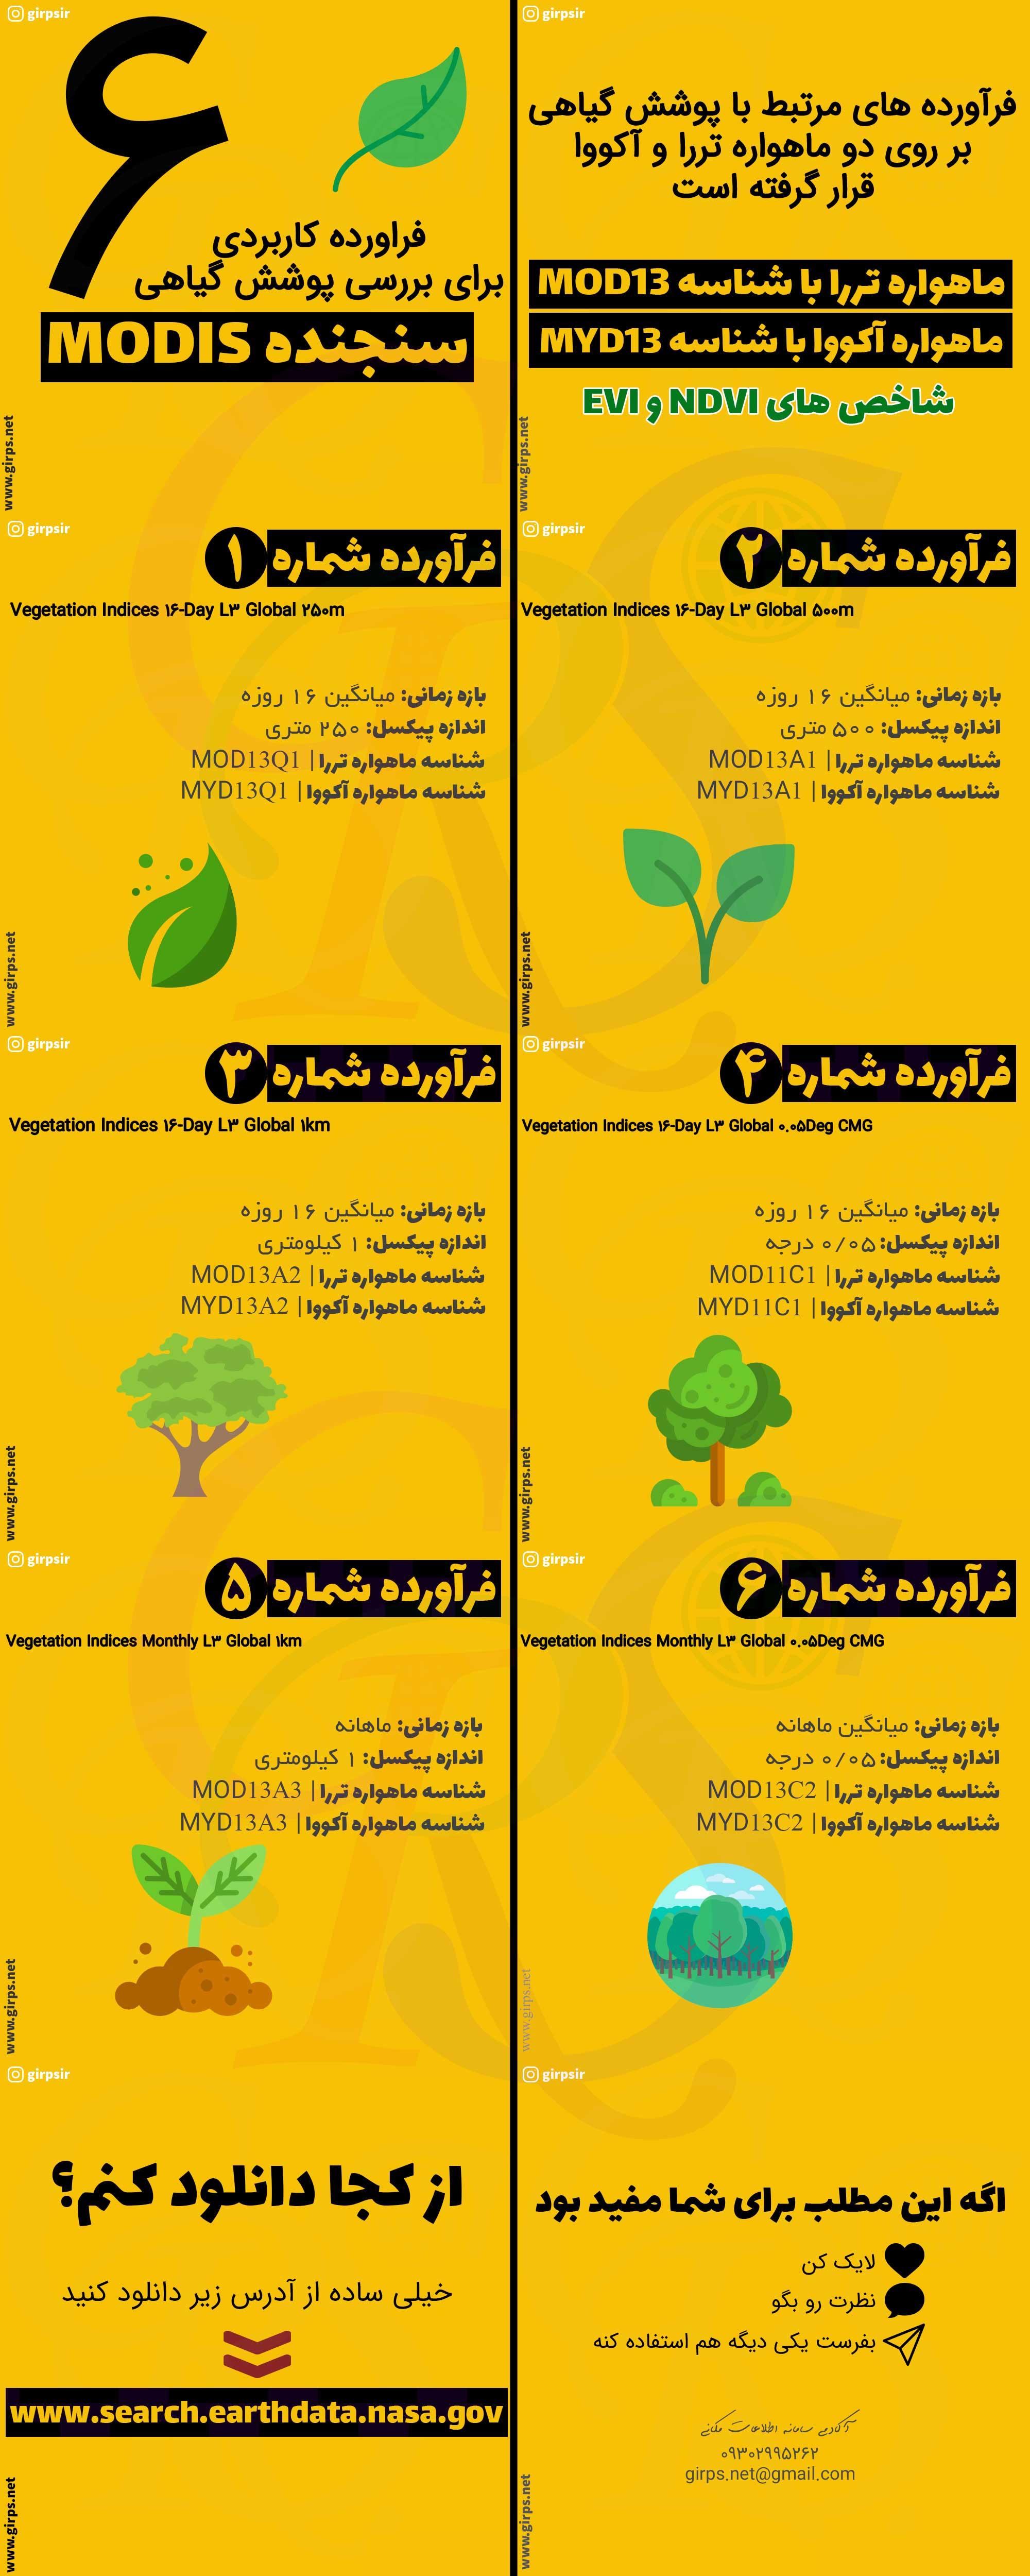 فرآورده های پوشش گیاهی سنجنده مودیس